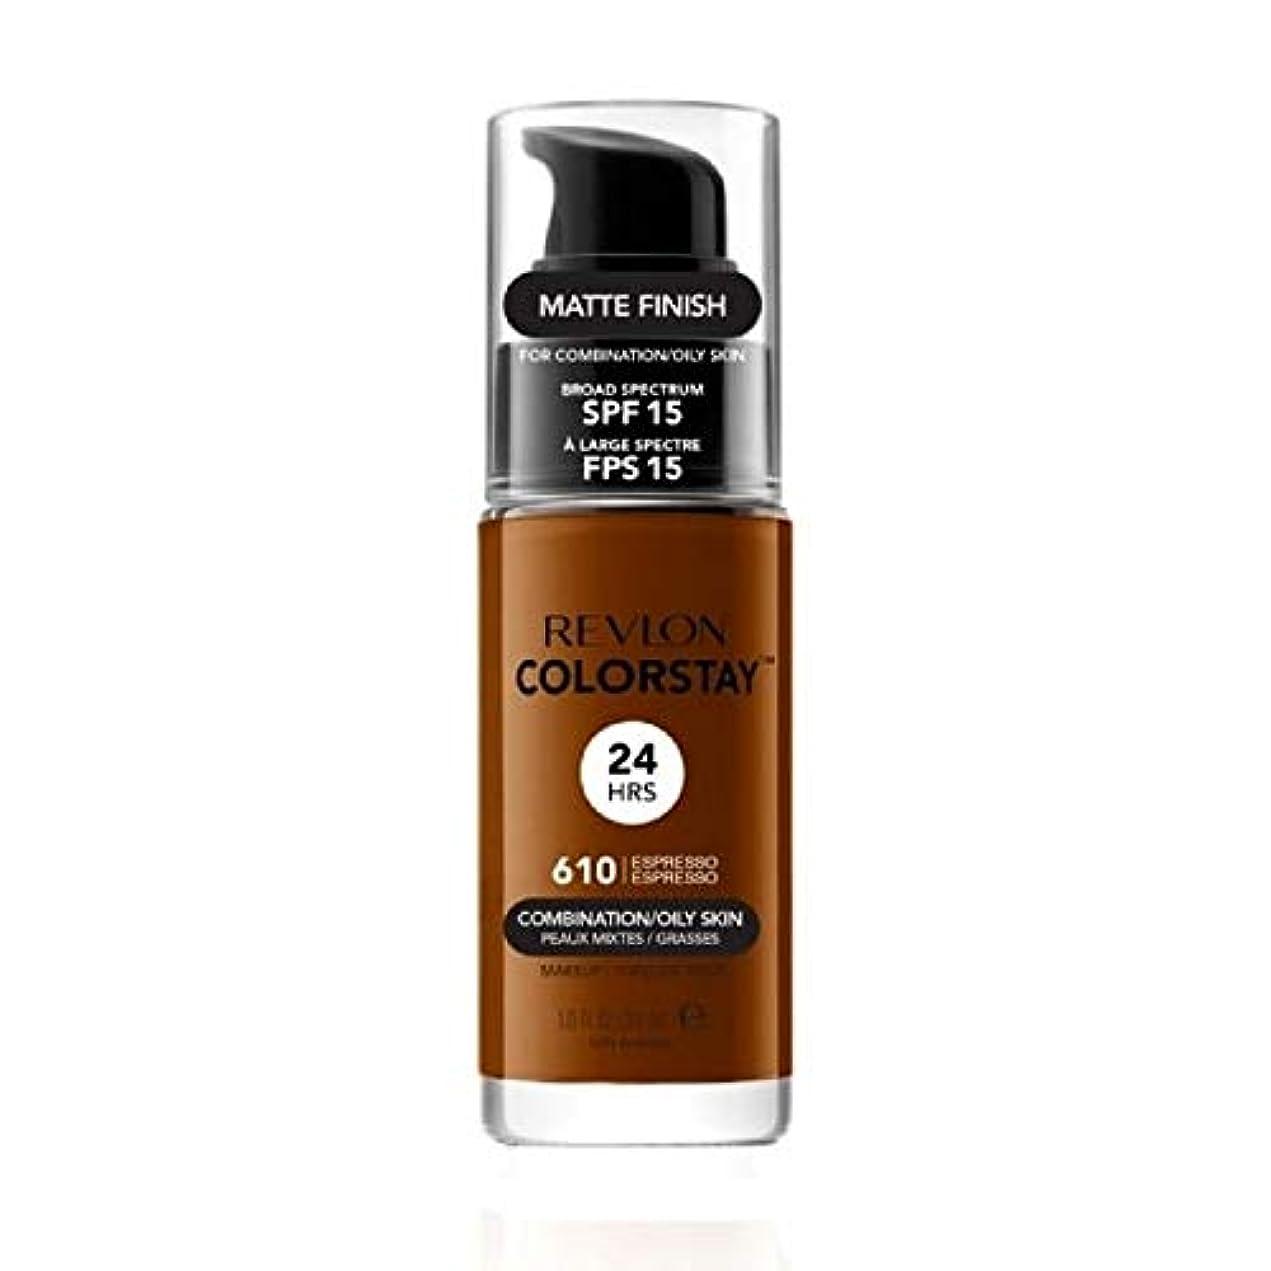 数値夫婦潜水艦[Revlon ] レブロンColorstayの基盤コンビオイリー肌の30ミリリットルのエスプレッソ - Revlon Colorstay Foundation Combi Oily skin 30ml Espresso...